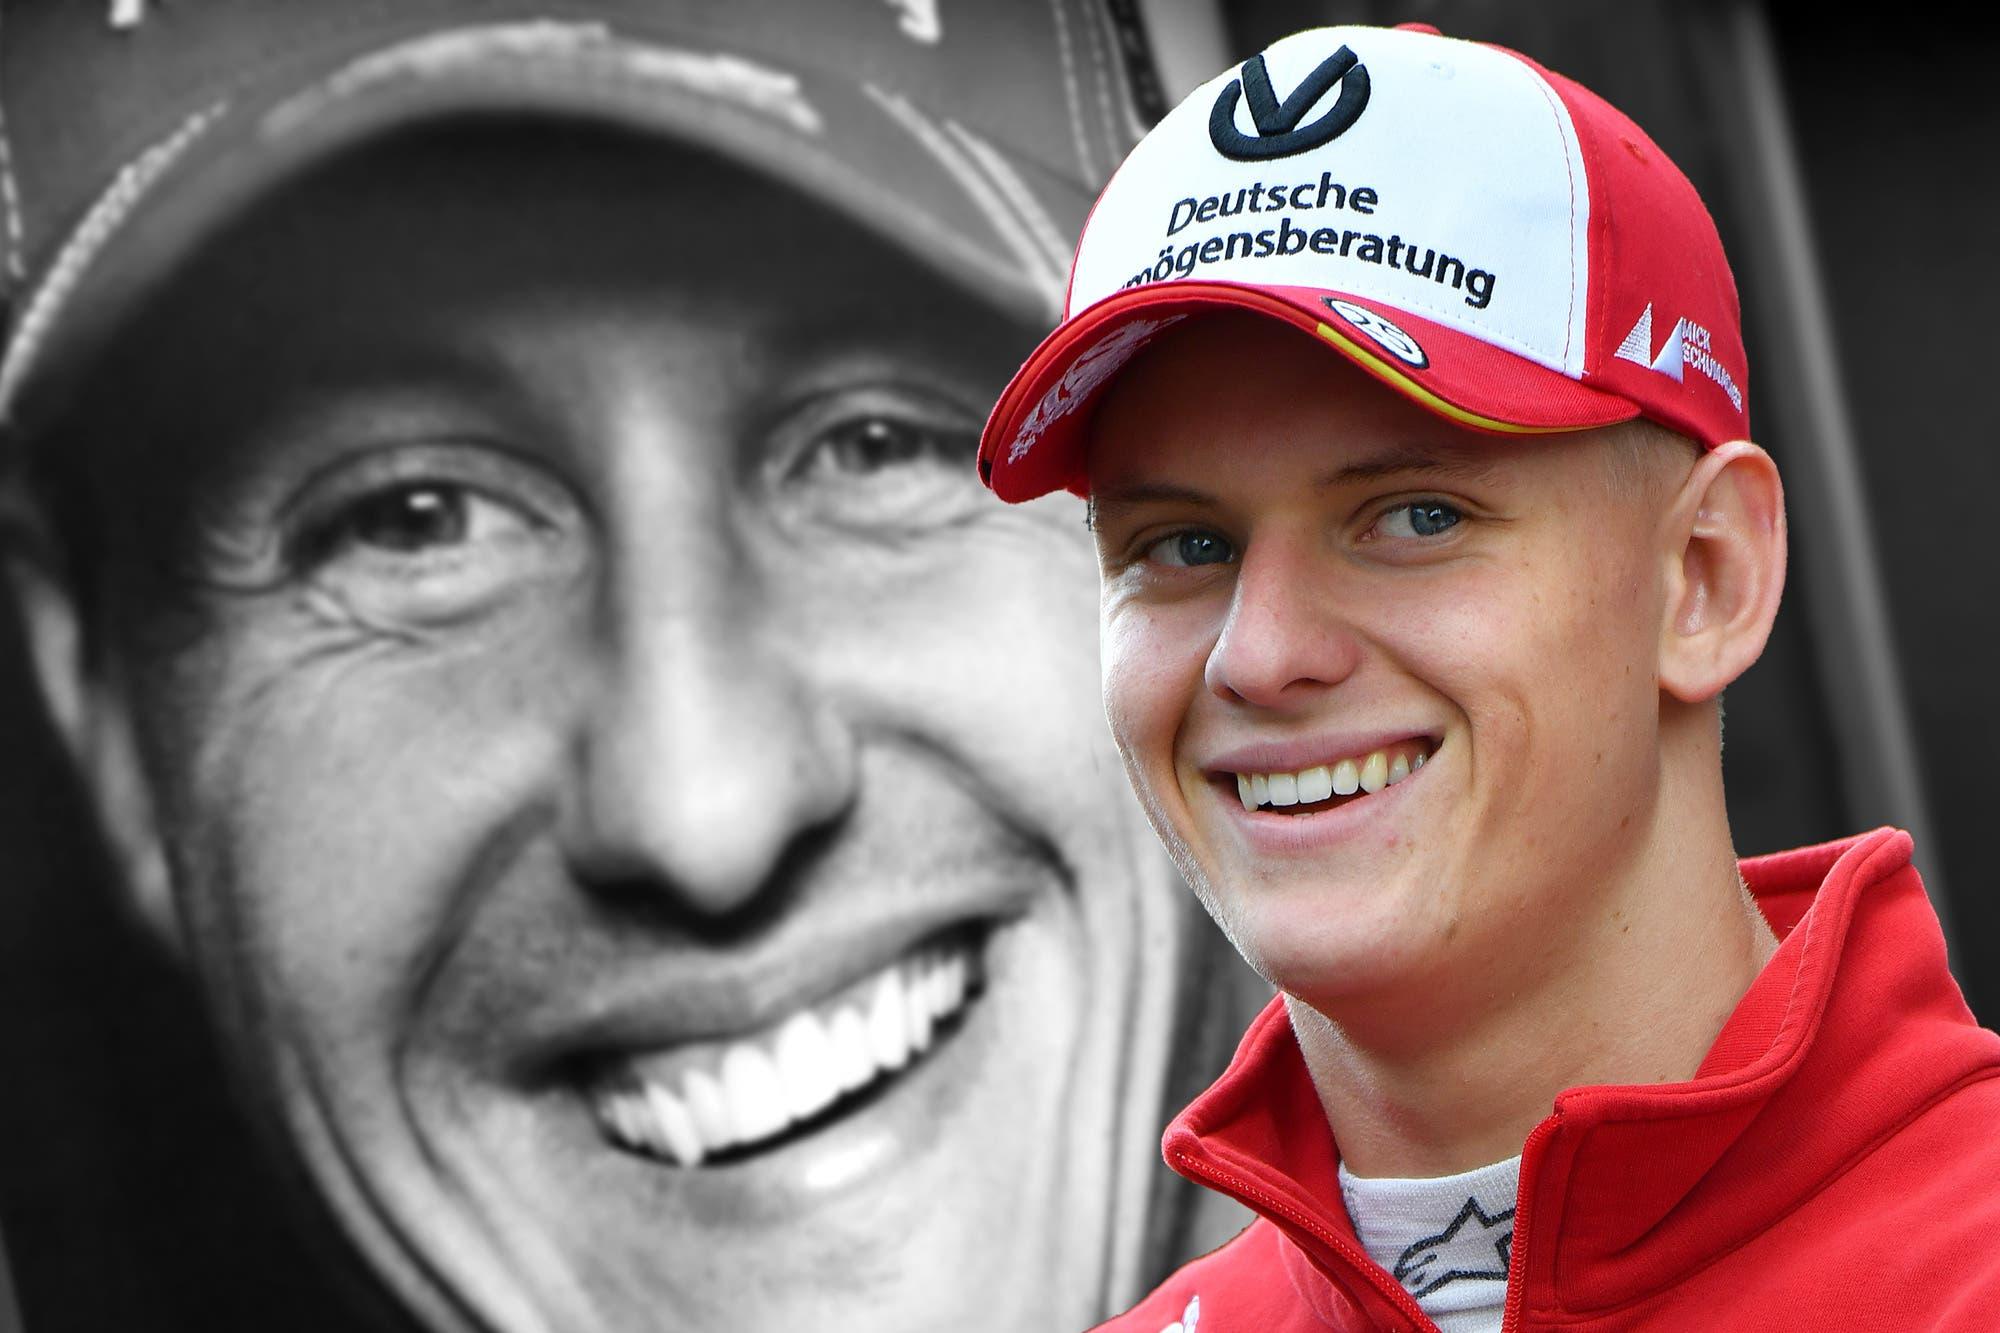 En el nombre del padre: Mick Schumacher busca su primer gran título y muchos lo imaginan en Ferrari